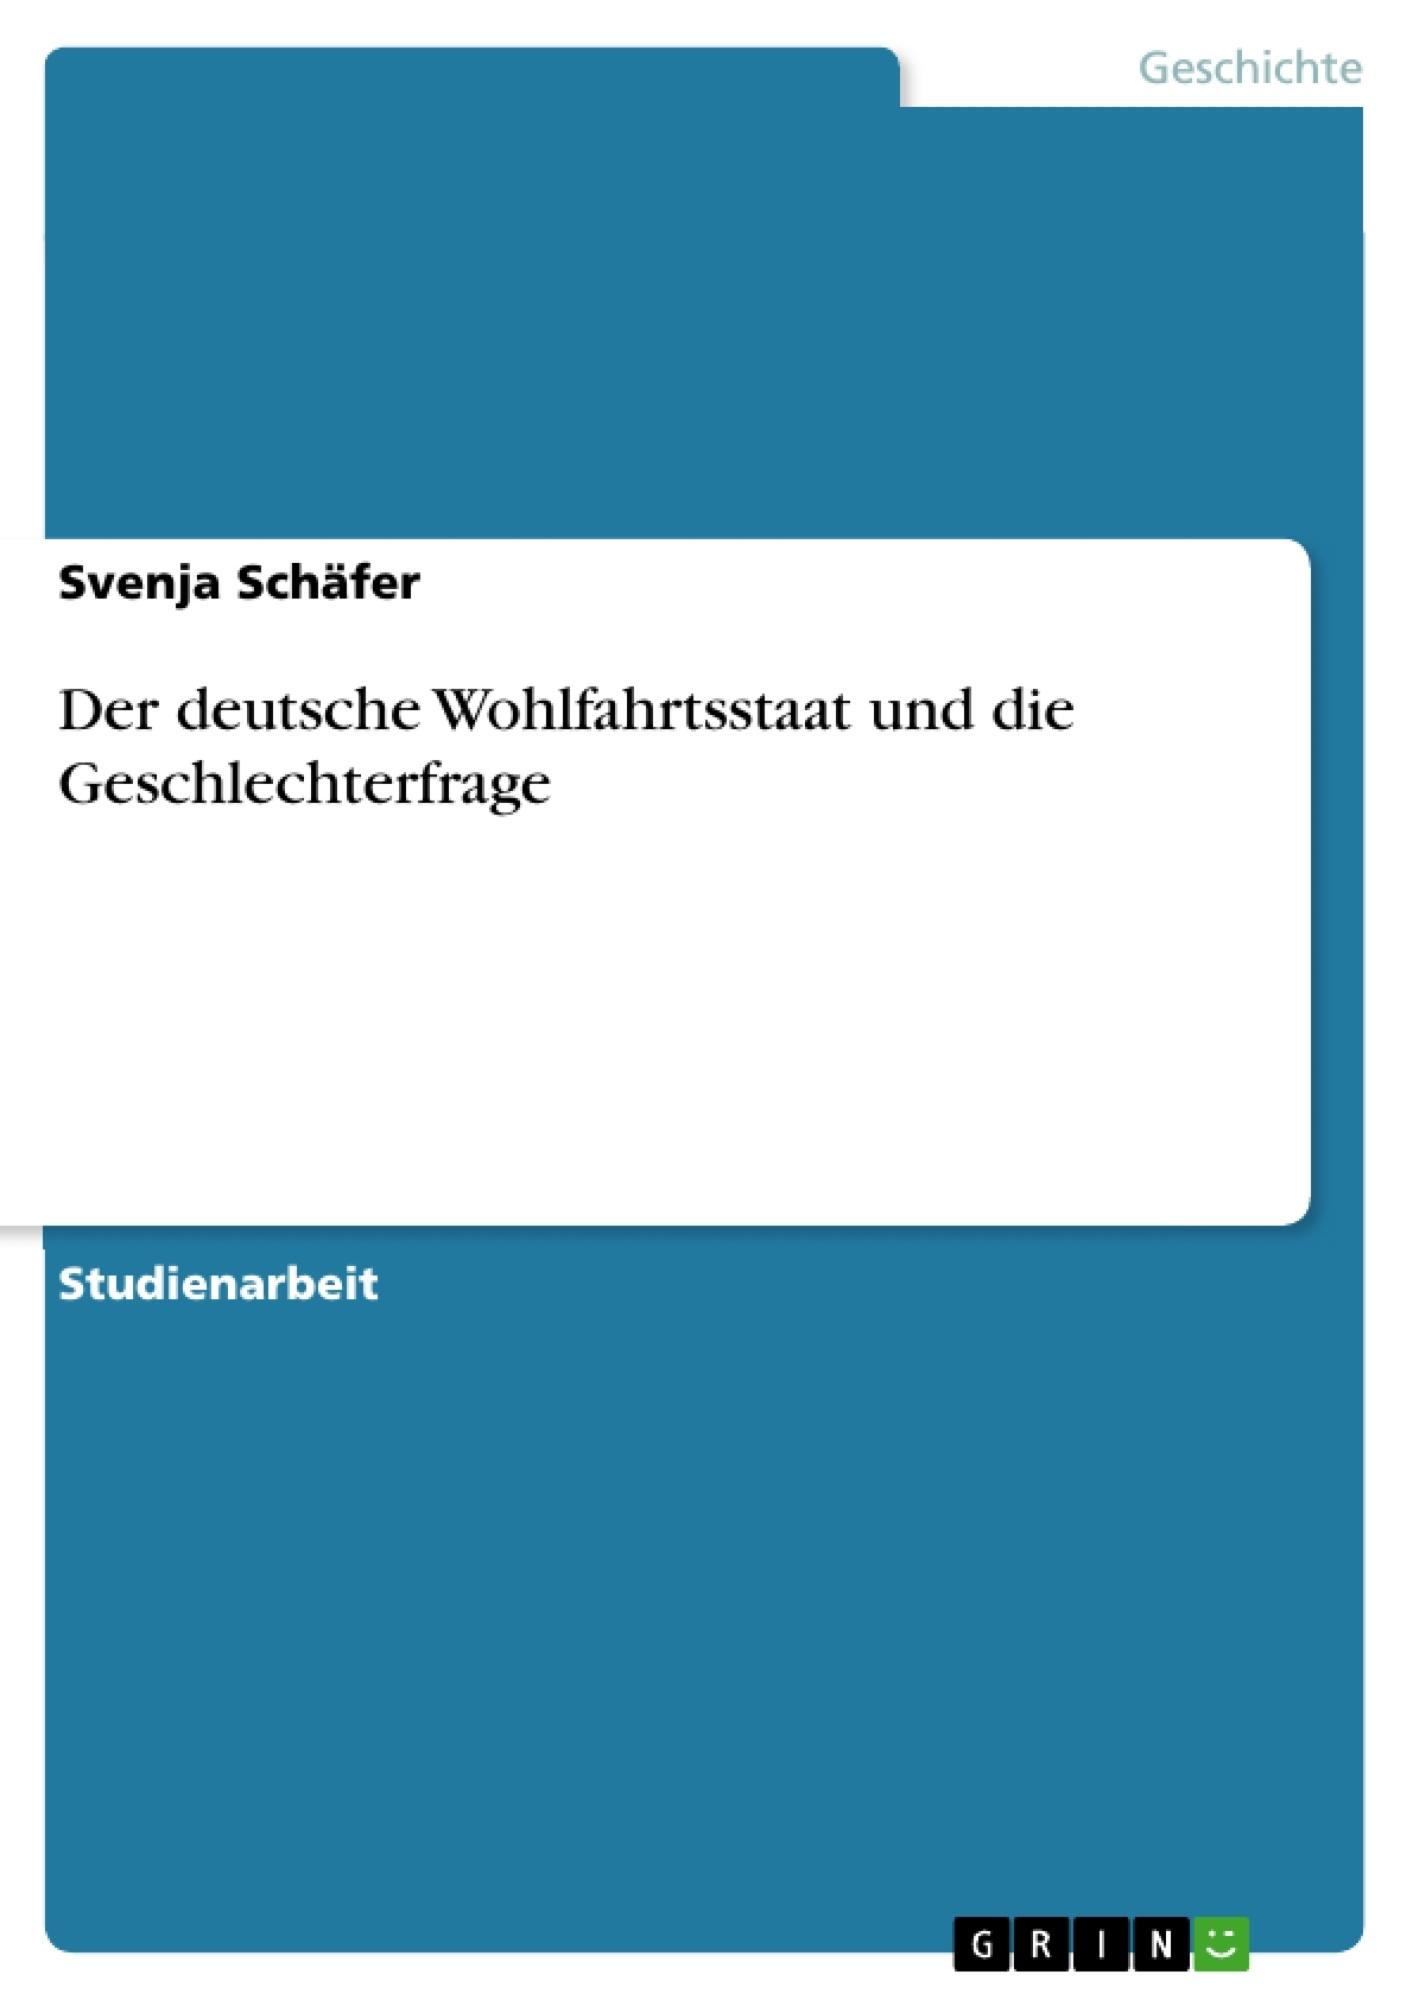 Titel: Der deutsche Wohlfahrtsstaat und die Geschlechterfrage